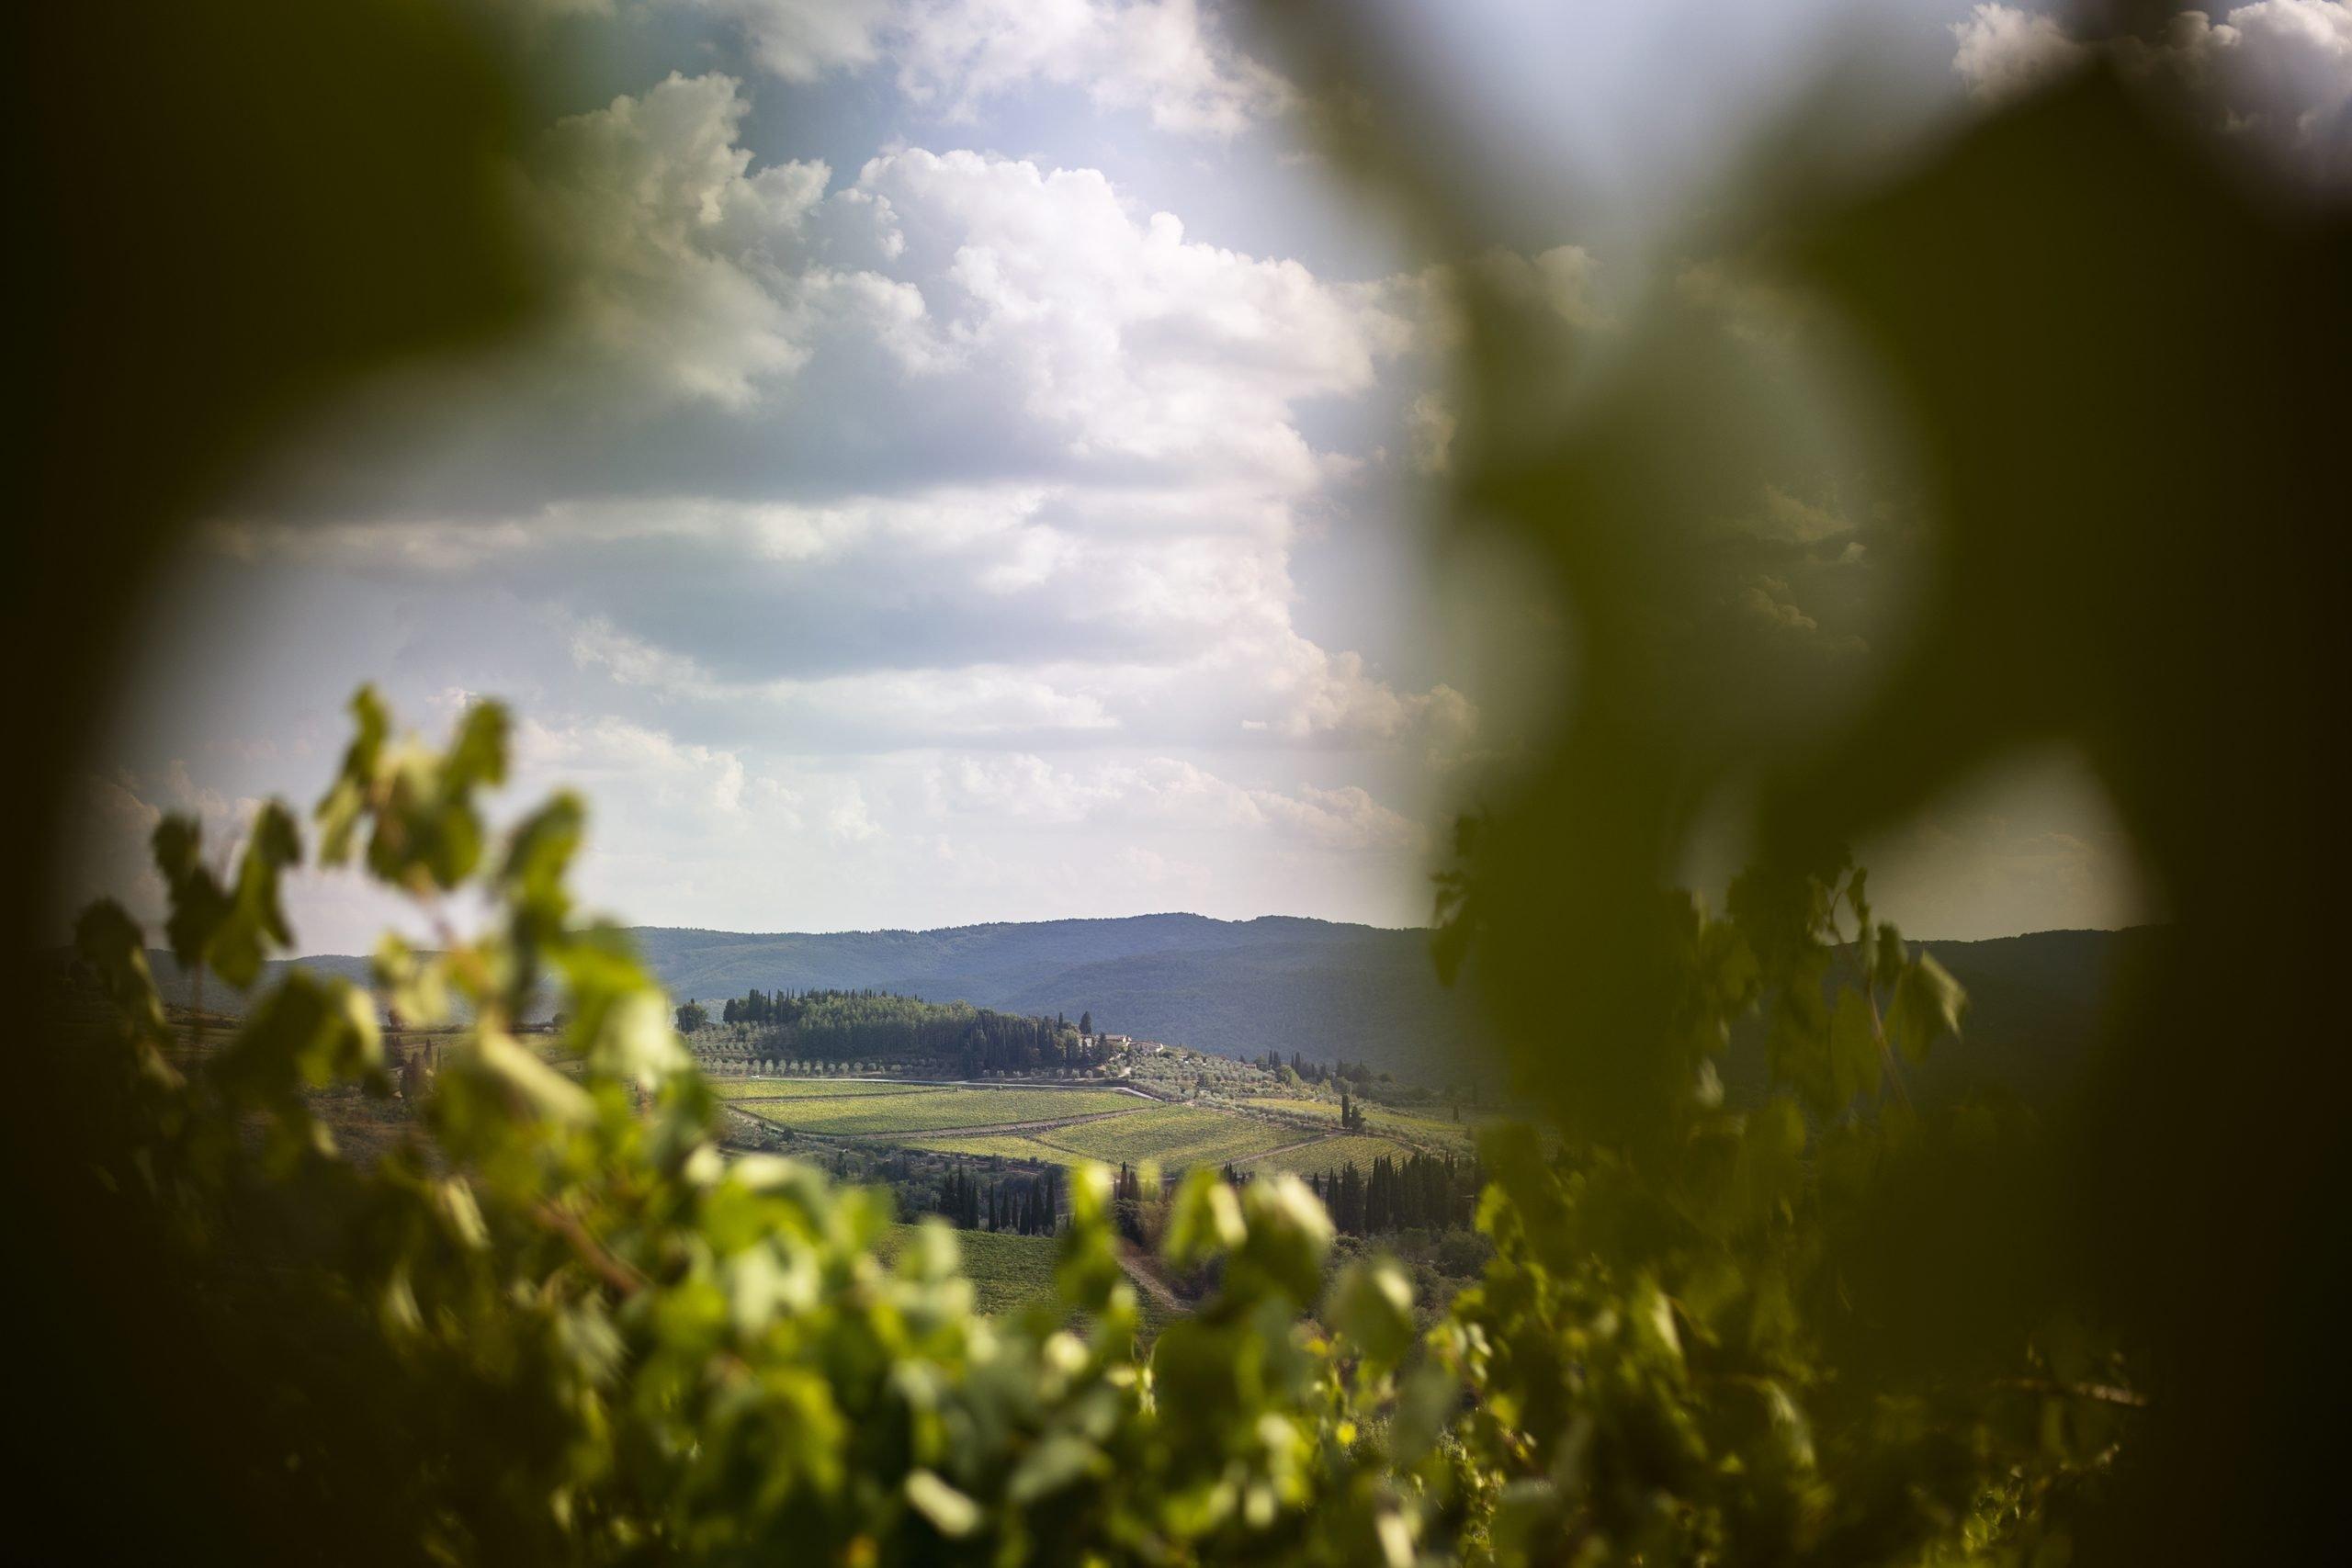 Camminare tra gli ulivi nel Chianti: i percorsi proposti da Greve, Barberino Tavarnelle e San Casciano